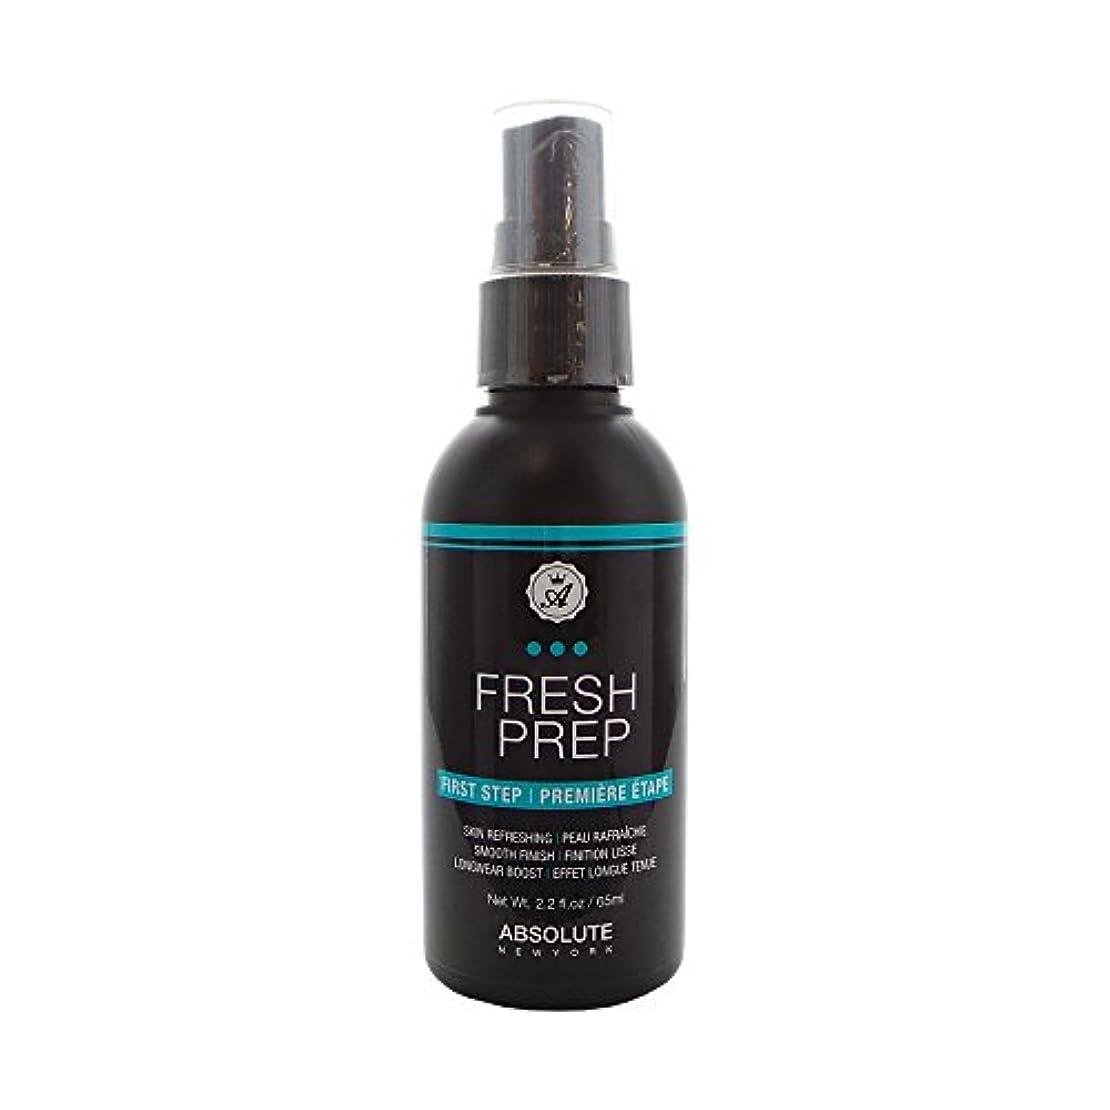 むちゃくちゃニンニク感情の(3 Pack) ABSOLUTE Fresh Prep Primer Spray (並行輸入品)